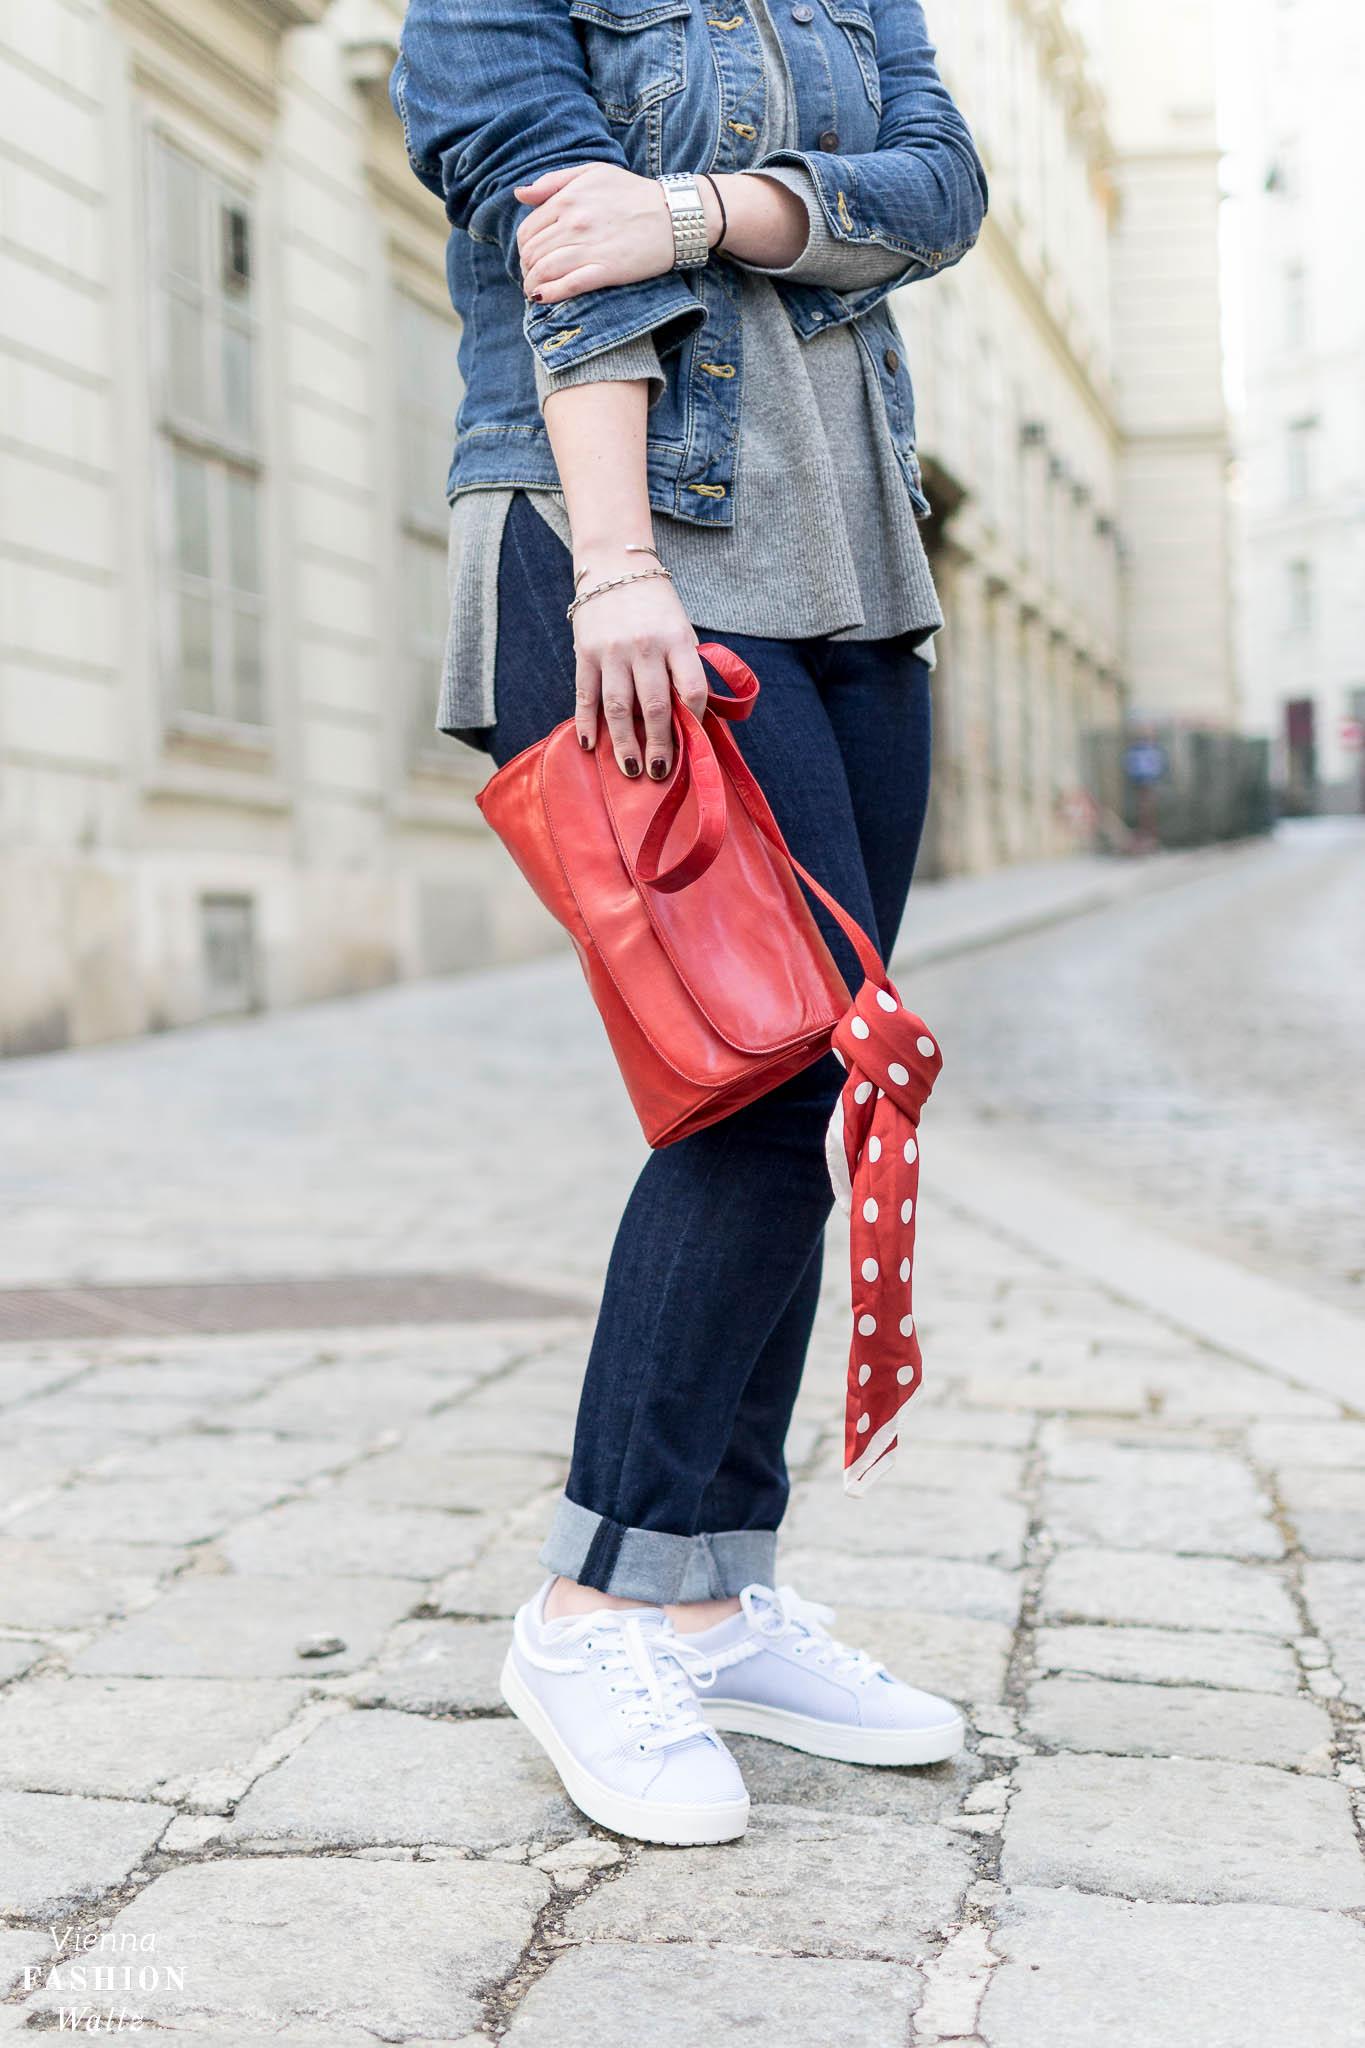 Dark Denim Outfit mit Streifen Sneakers und Kaschmir Pulli   Dark Denim Jeans Streetstyle, Outfit, Denim All Over, Jeansjacke, Statement Sneakers mit Streifen von Deichmann, Vintage Bally Bag, Fashion Trends